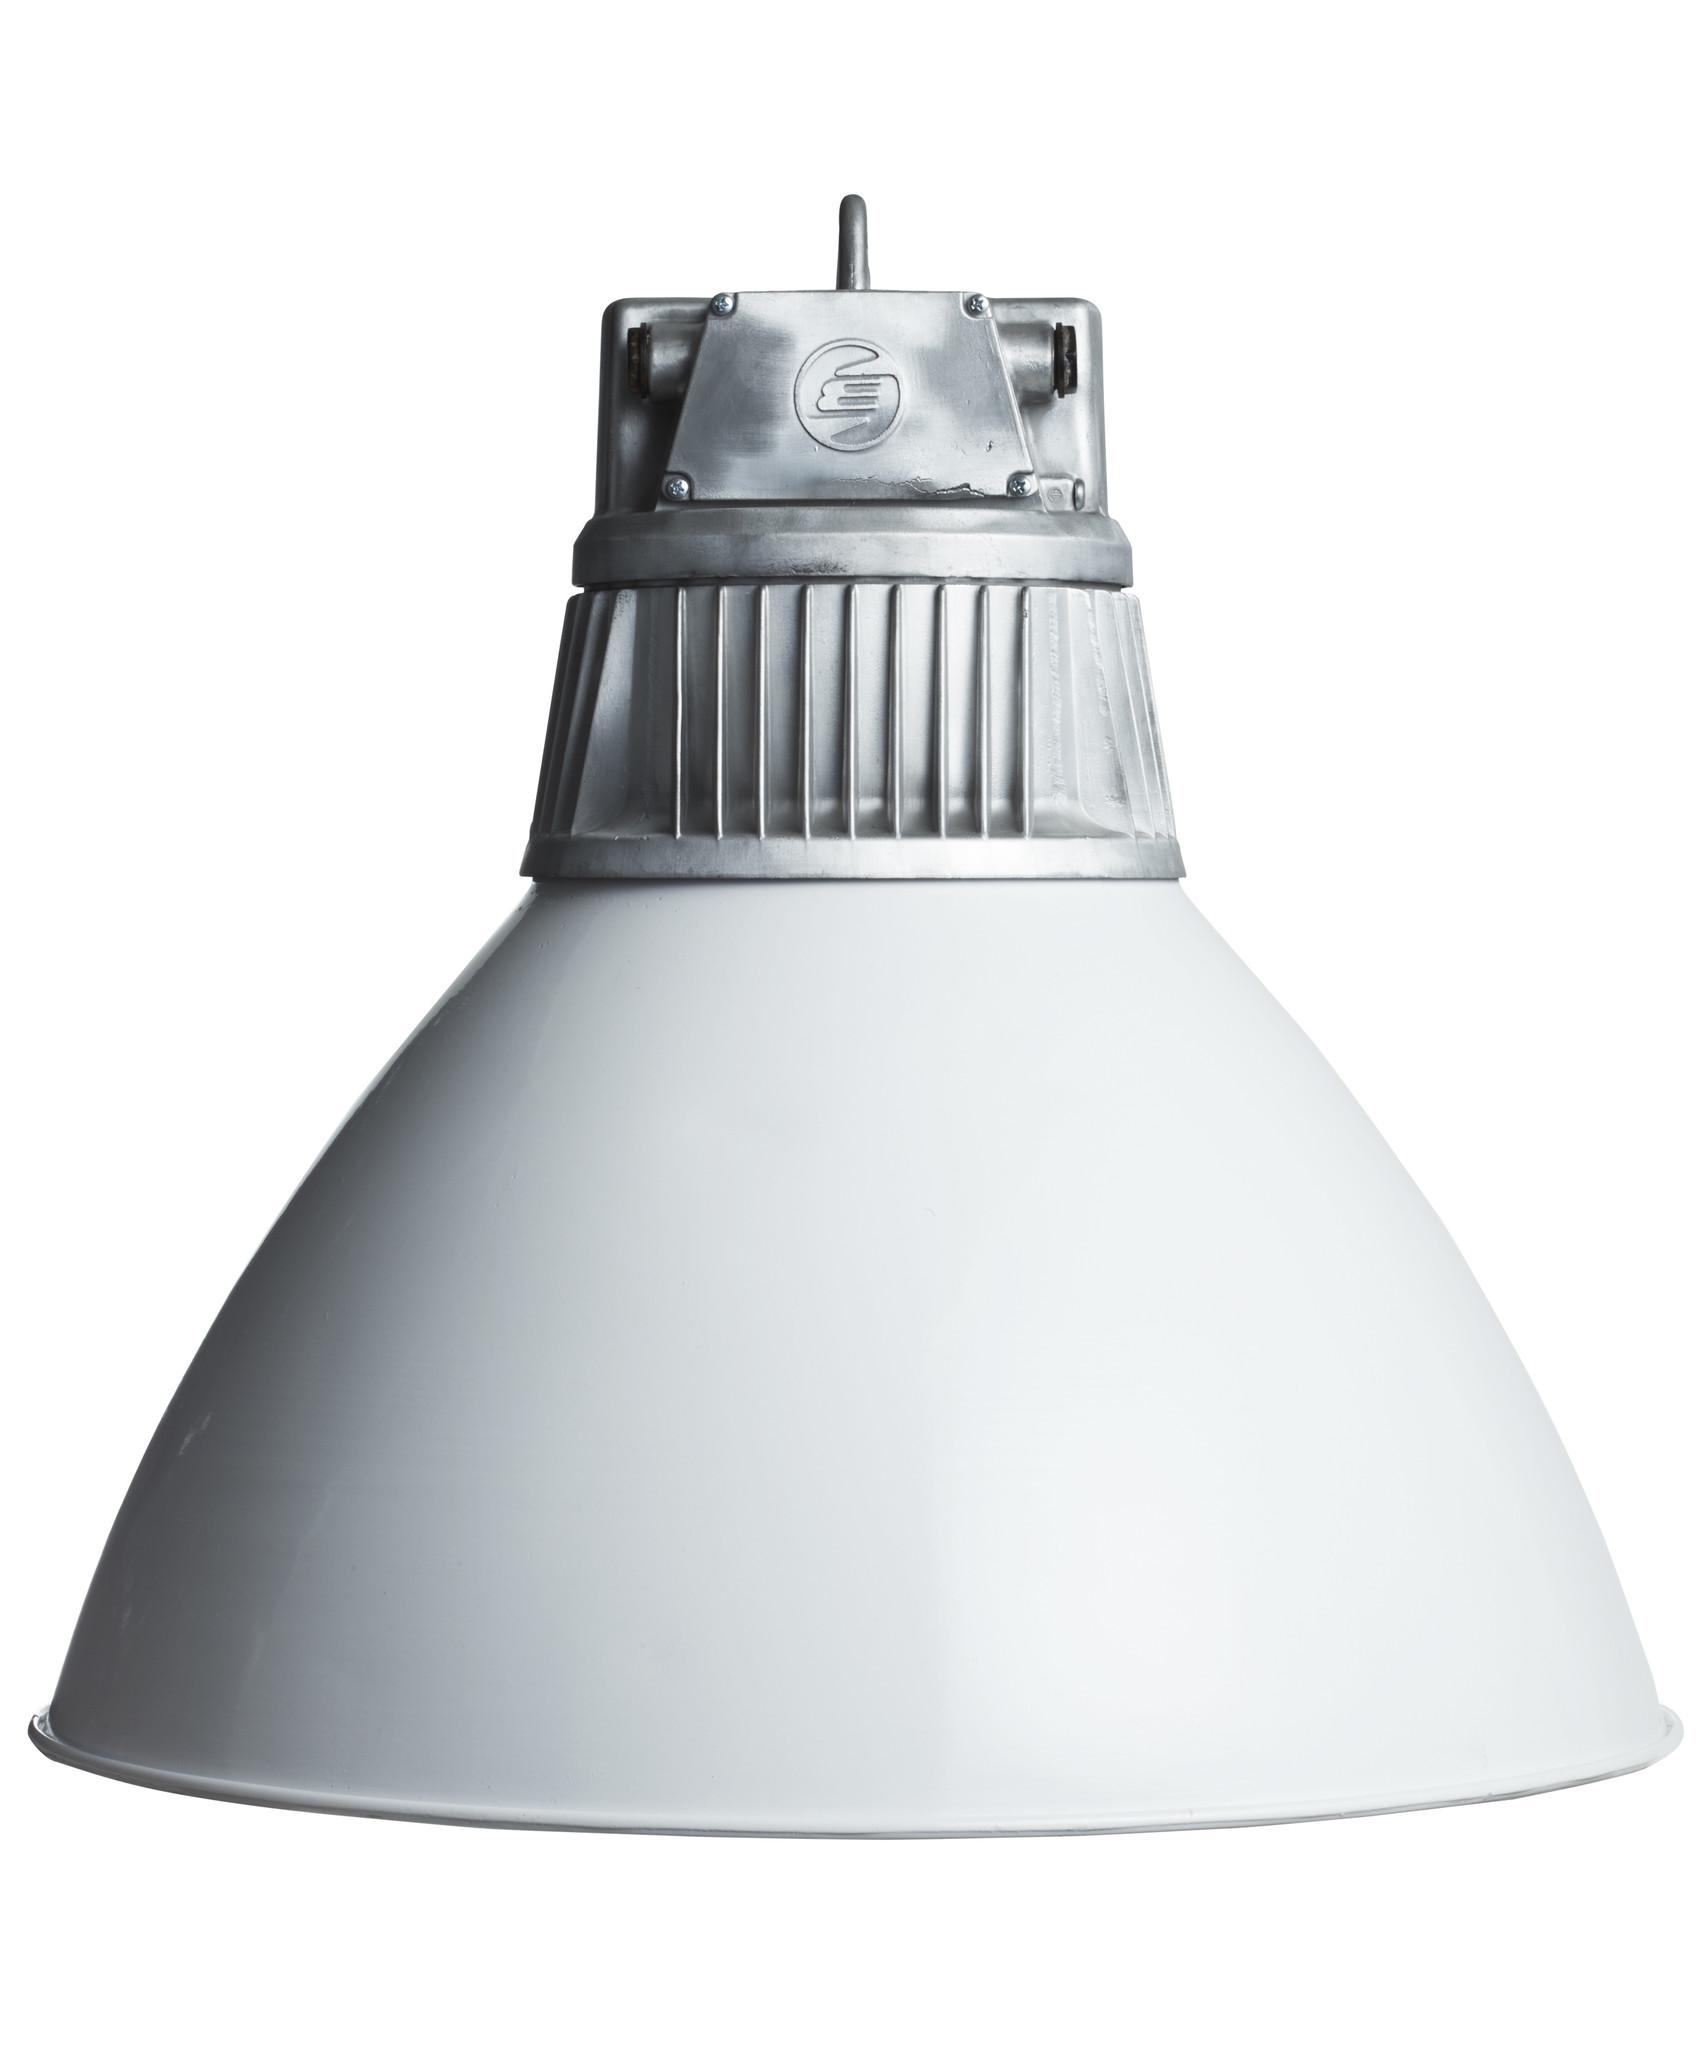 oldwood Industriële lamp - Levi gepolijste ribkop